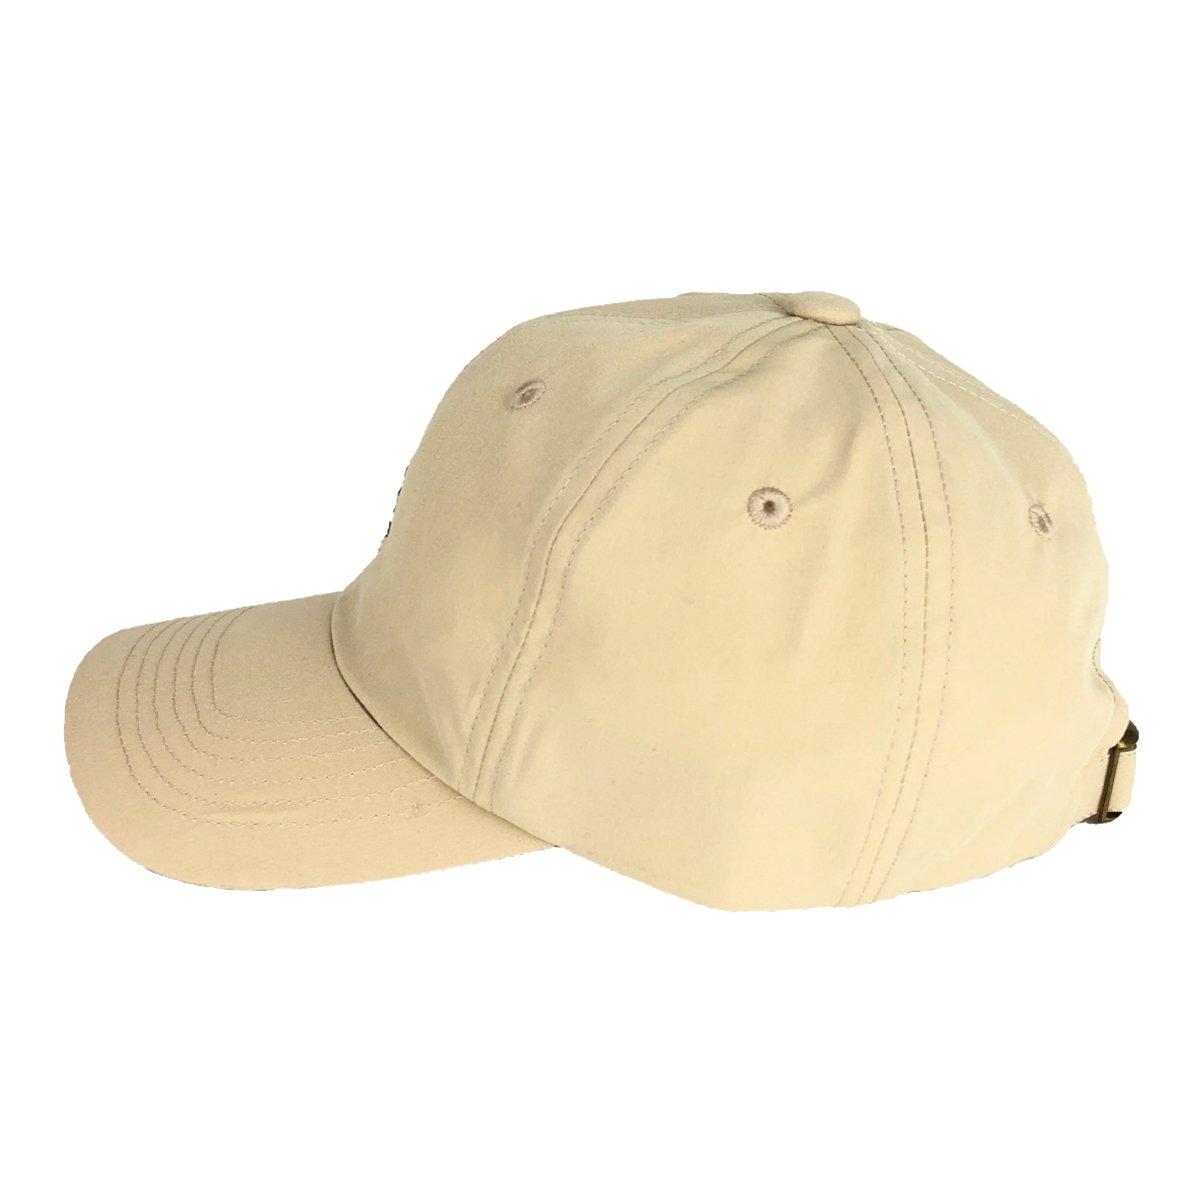 My Buddy Cat Cap 詳細画像15